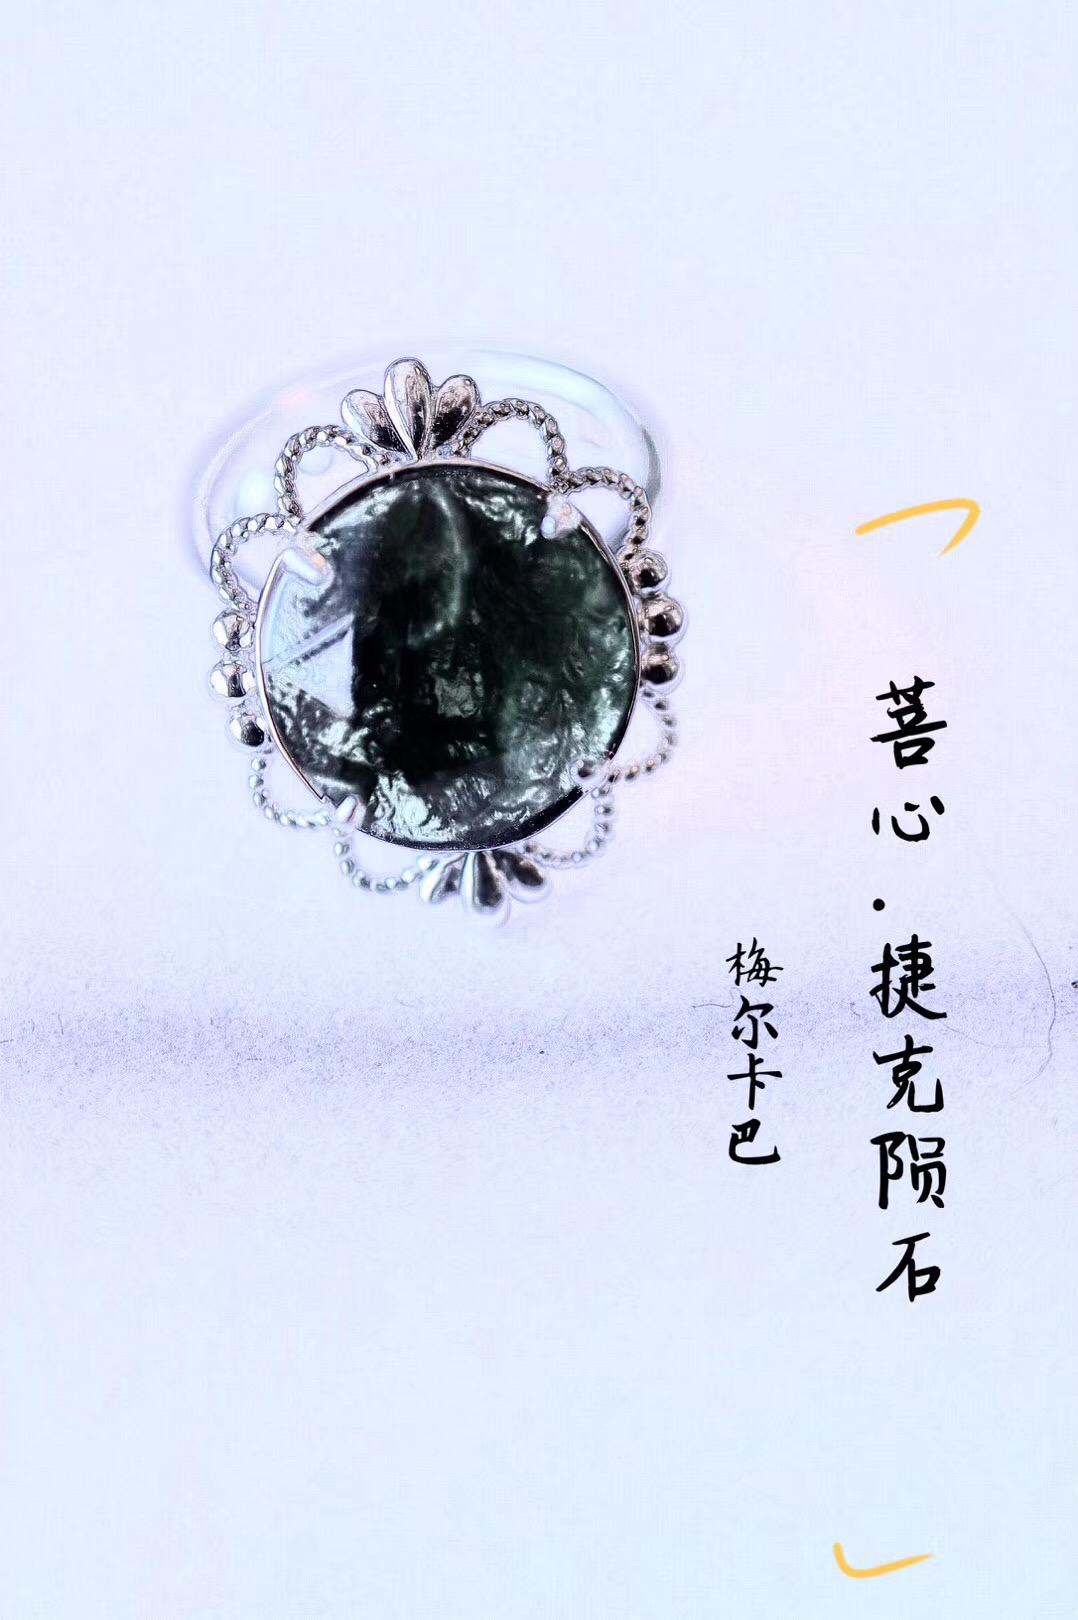 【捷克陨石|吊坠戒指两用】戴上他,足可悟一幕花开花落。-菩心晶舍